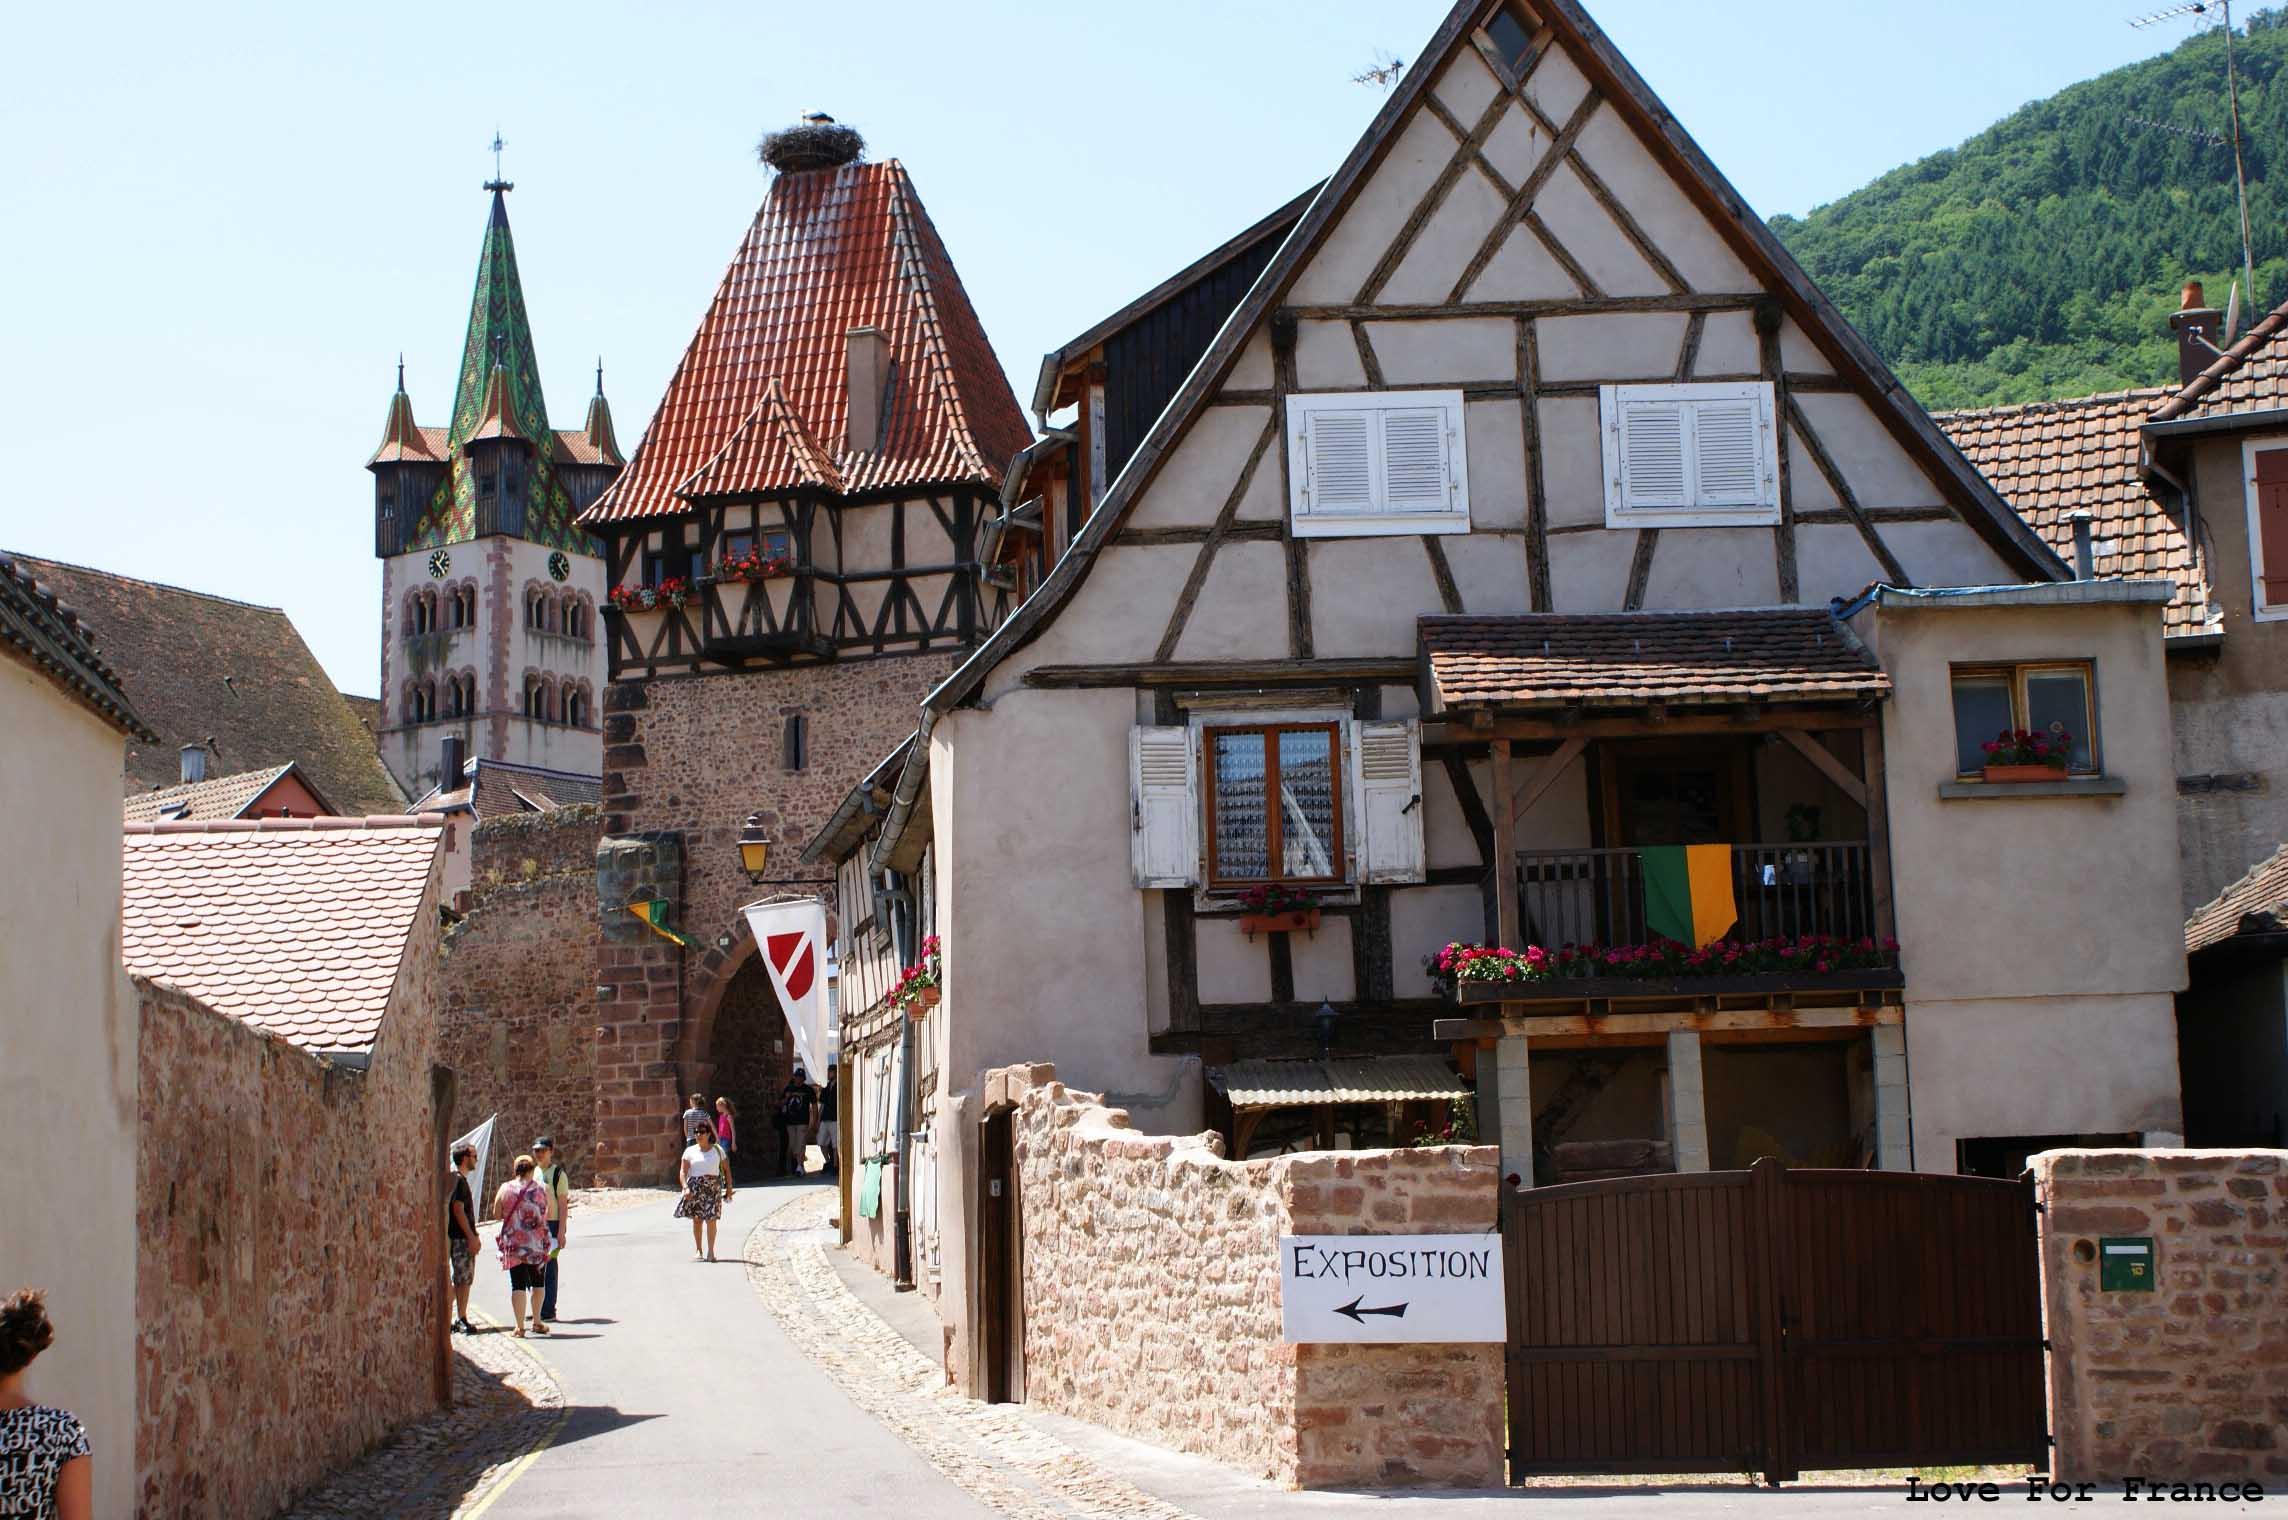 Święto średniowiecza w Chatenois